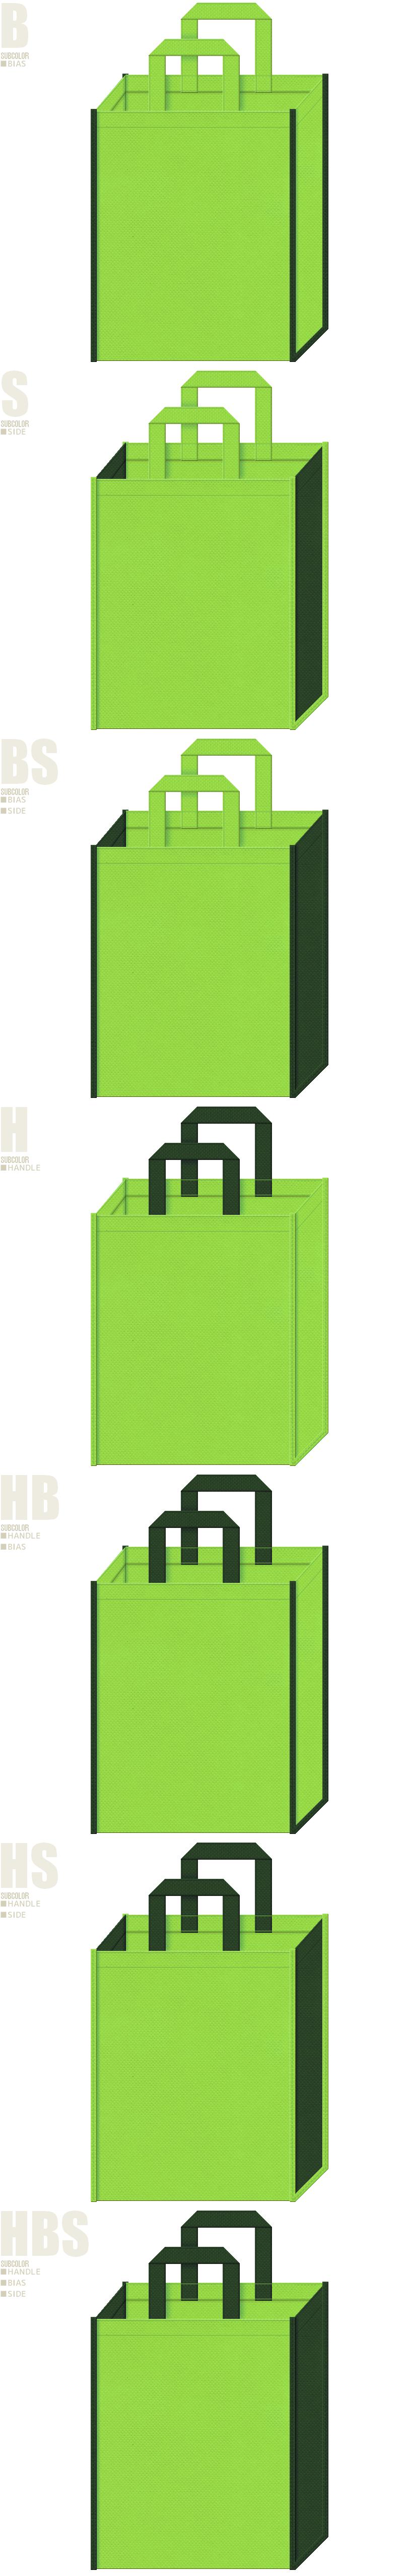 ブロッコリー・ほうれんそう・ゴーヤ・胡瓜・医薬品・緑茶・青汁・森林浴・観葉植物・植物園・芝生・ゴルフ場・テーマパーク・キャンプ・アウトドアイベント・ロードレース・釣具・新緑イベント・CO2削減・緑化推進・環境セミナー・エコイベント・園芸用品の展示会用バッグにお奨めの不織布バッグデザイン:黄緑色と濃緑色の配色7パターン